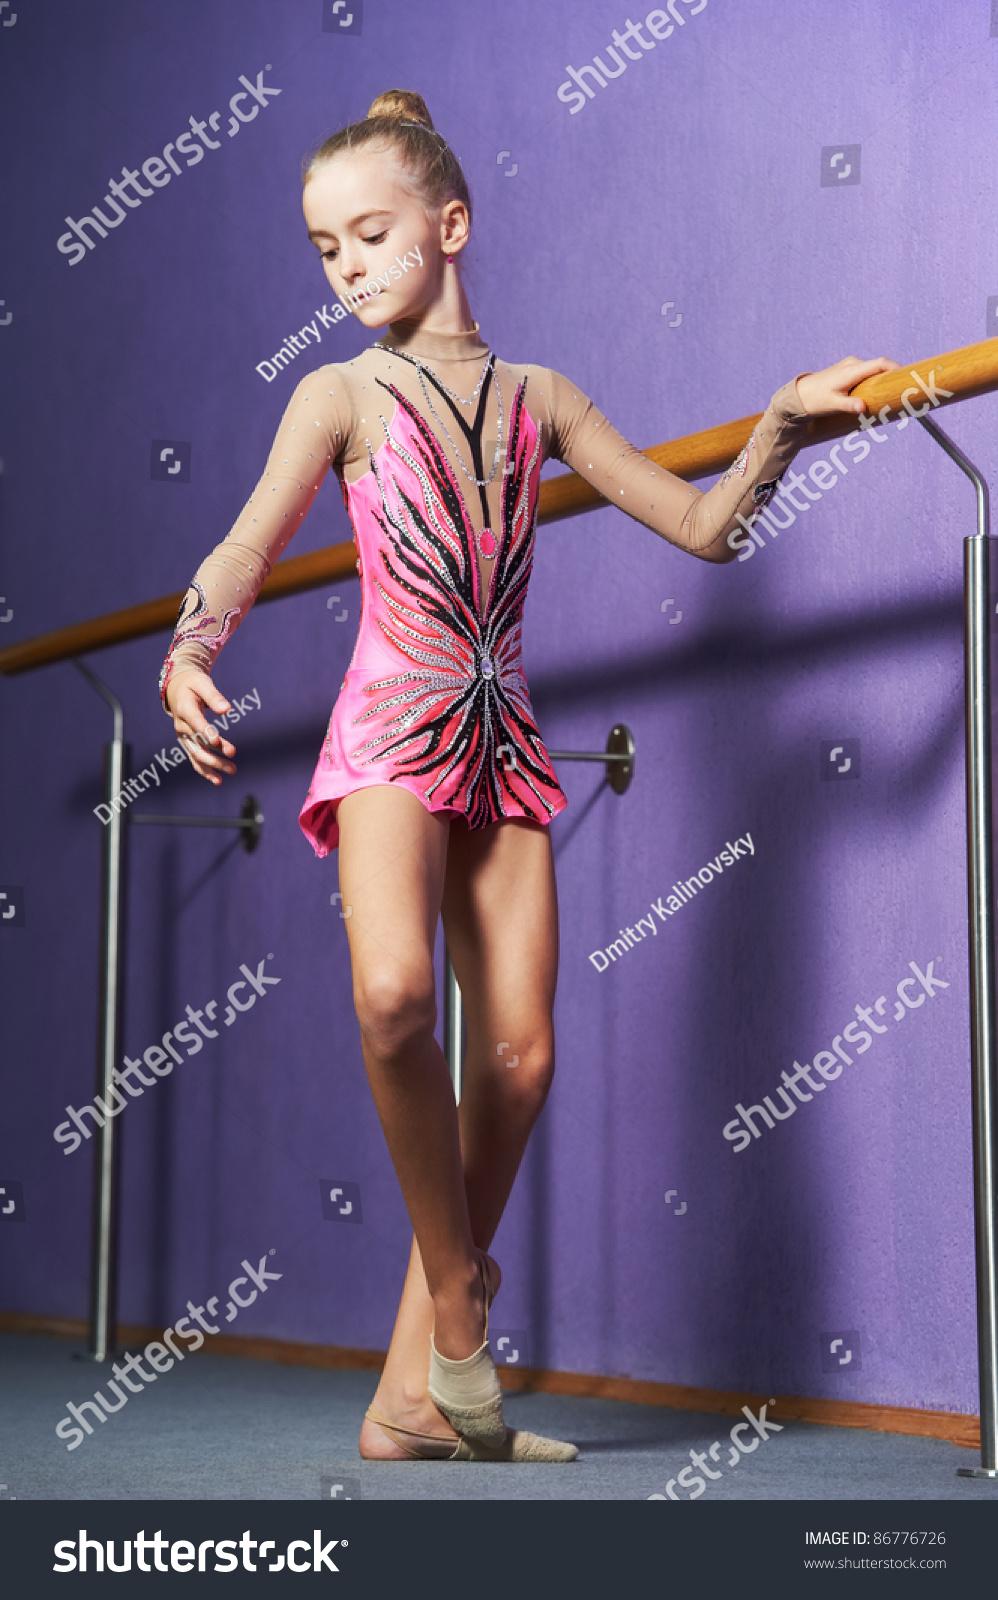 Фото модель гимнастки 10 фотография